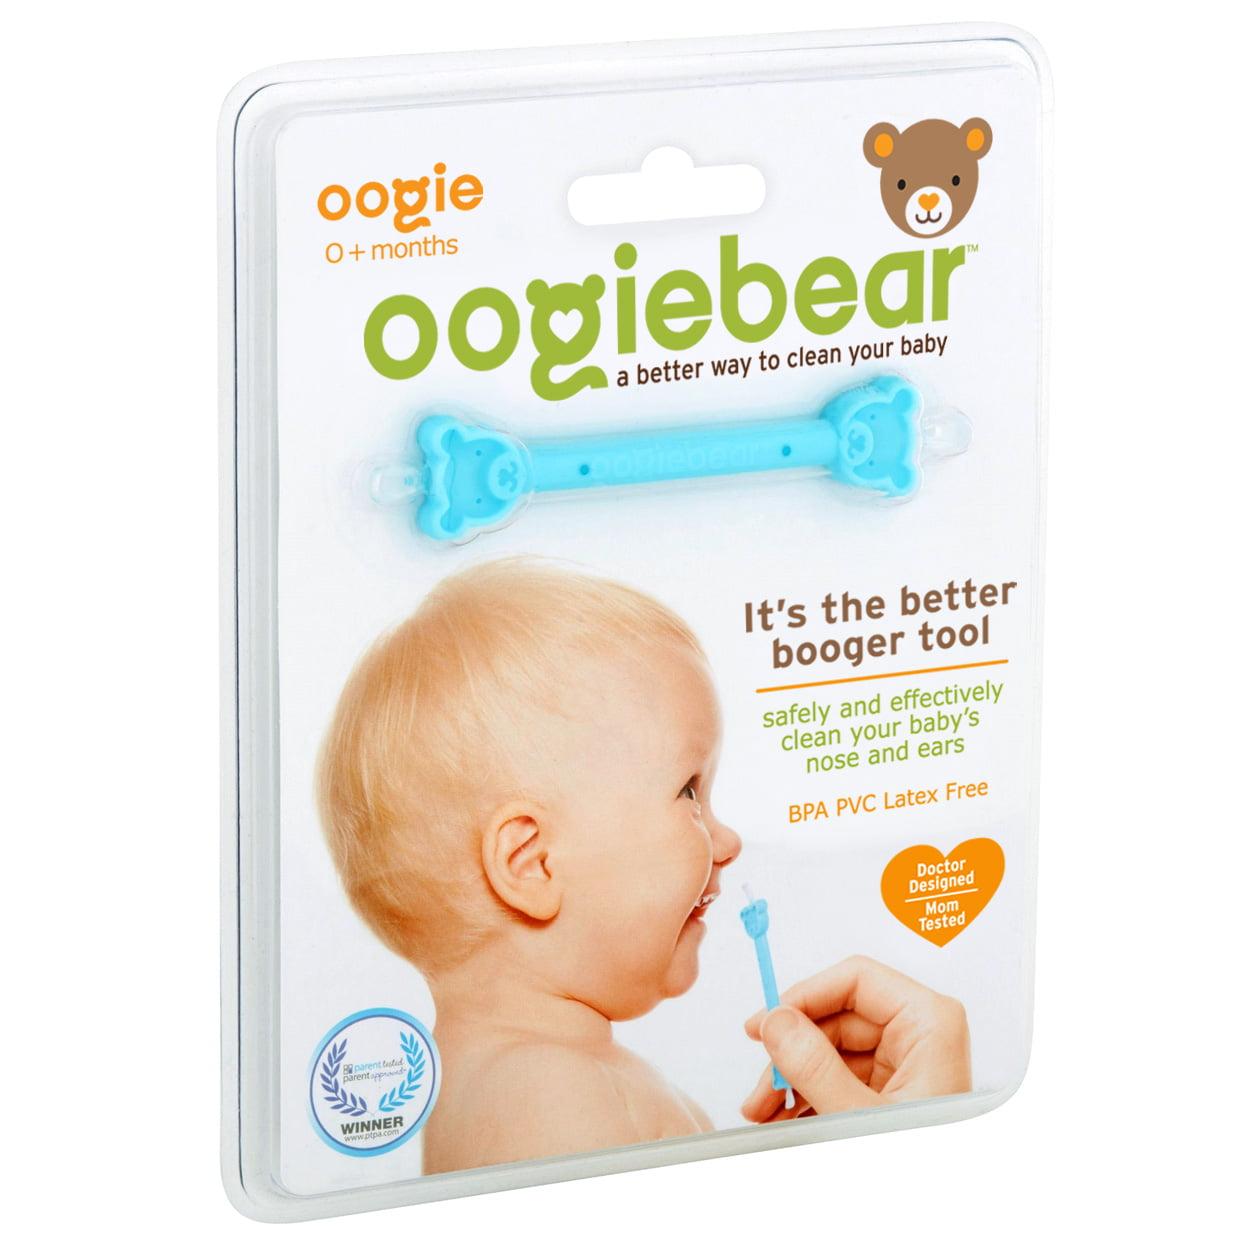 decda7c16 Oogiebear Infant Ear   Nose Cleaner - Walmart.com